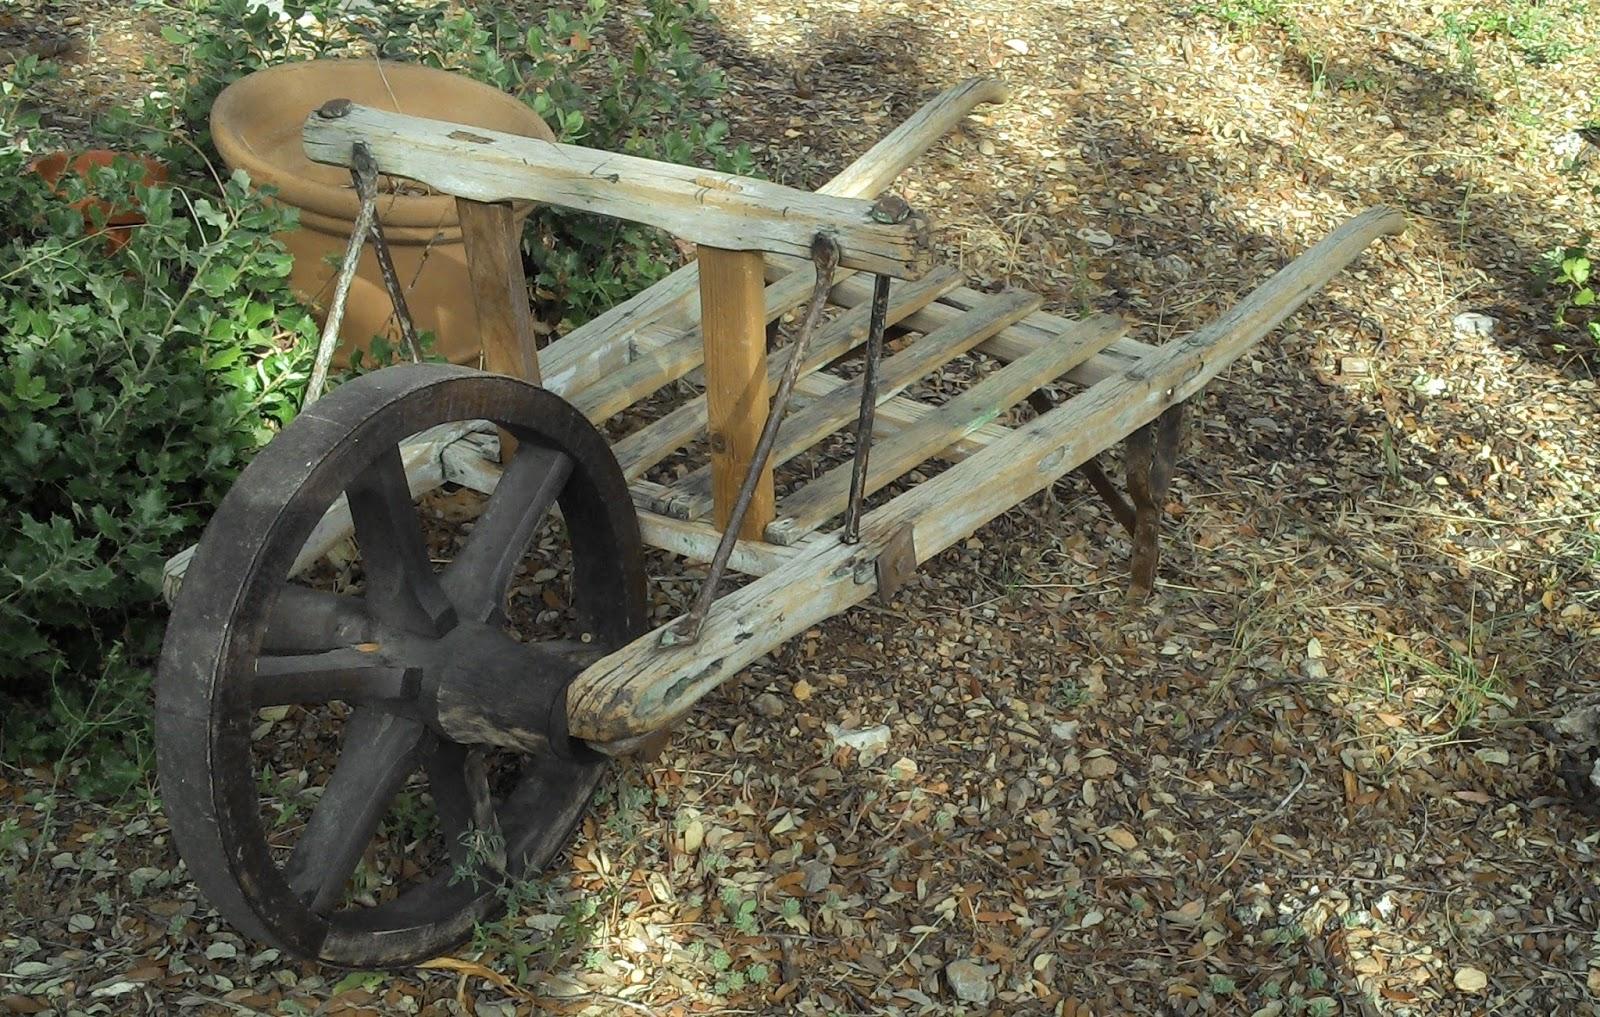 brouette en bois ancienne provençale art populaire déco jardin  ~ Brouette Pour Transporter Du Bois